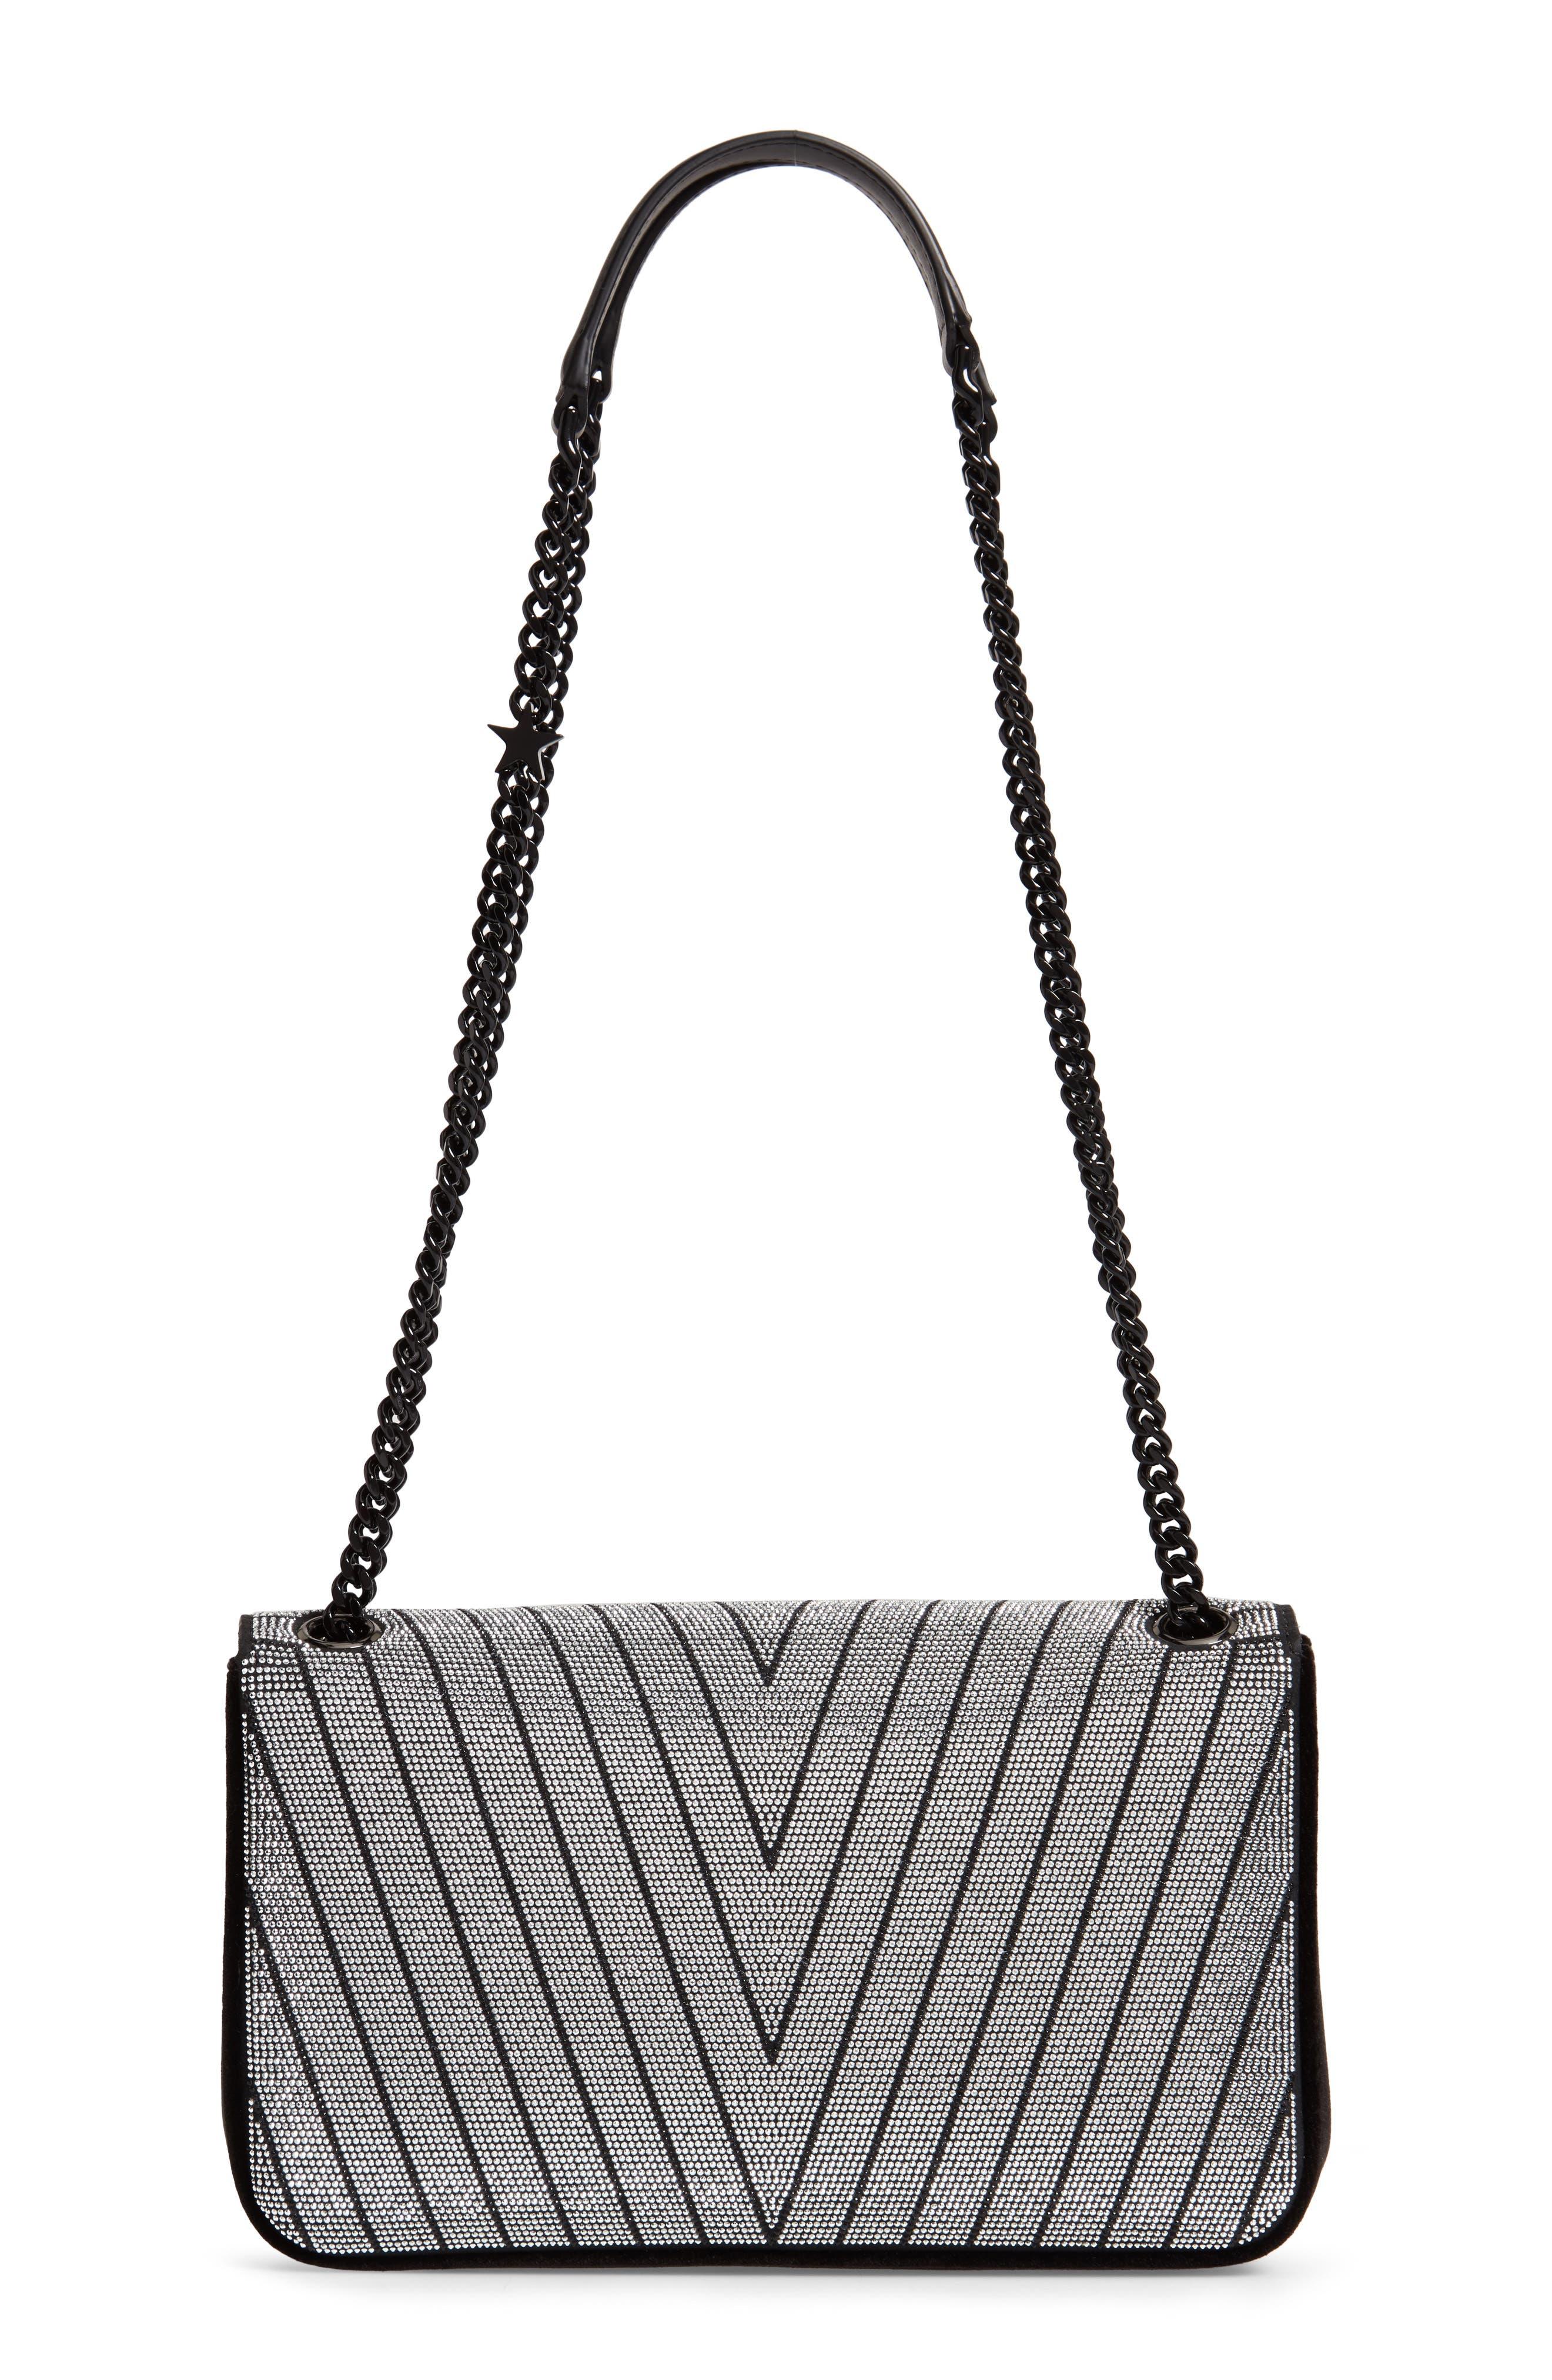 Medium Crystal Star Shoulder Bag,                             Alternate thumbnail 3, color,                             BLACK